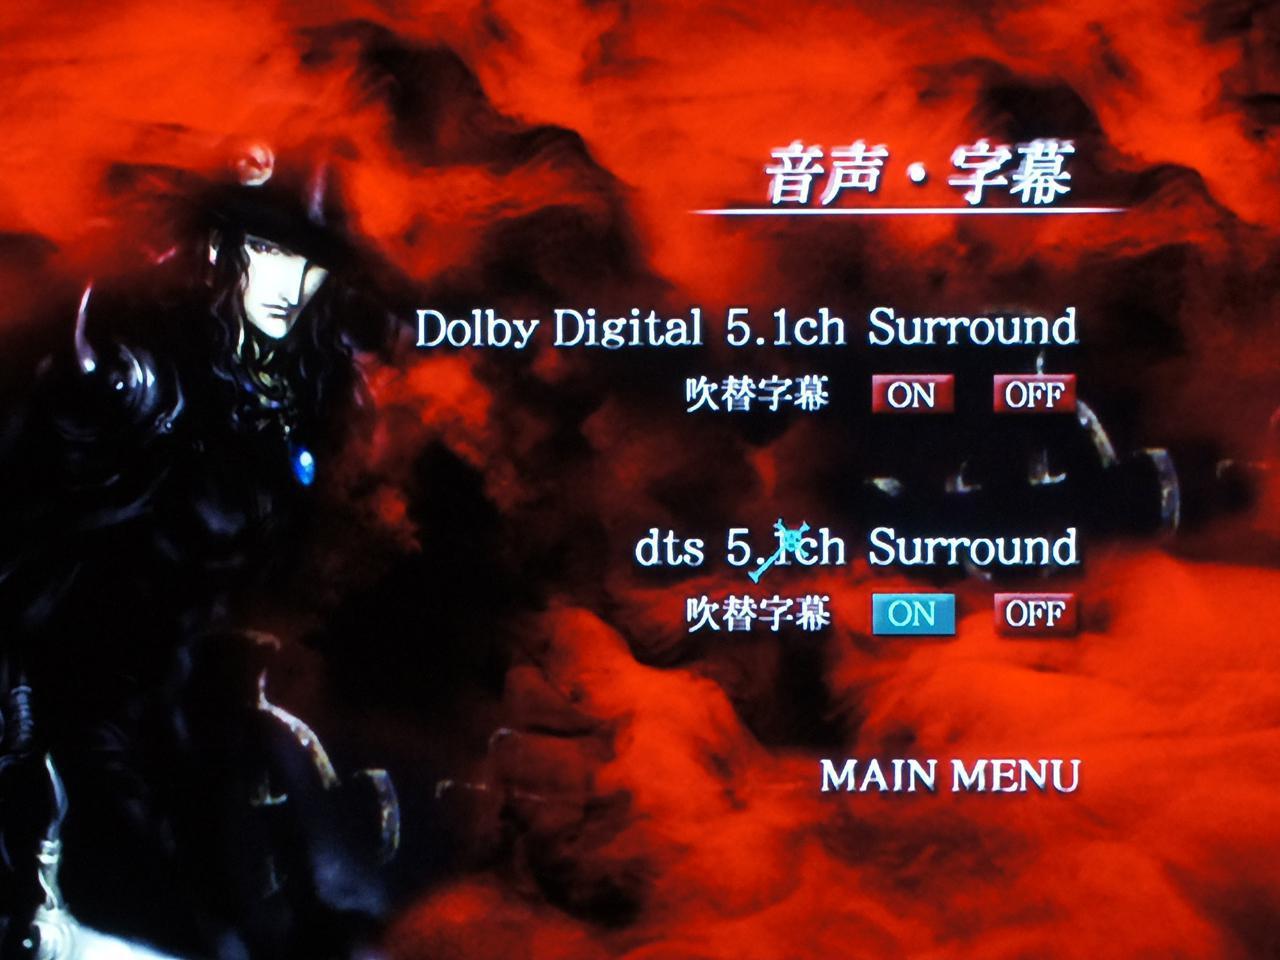 画像: 音声はドルビーデジタル5.1とDTS5.1音声を両方収録。どちらも音声は日本語音声版で違いはない。当時はダブル収録が流行していた。 (C)2001 フィルムリンク・インターナショナル/菊地秀行/朝日ソノラマ/バンパイアハンターD製作委員会